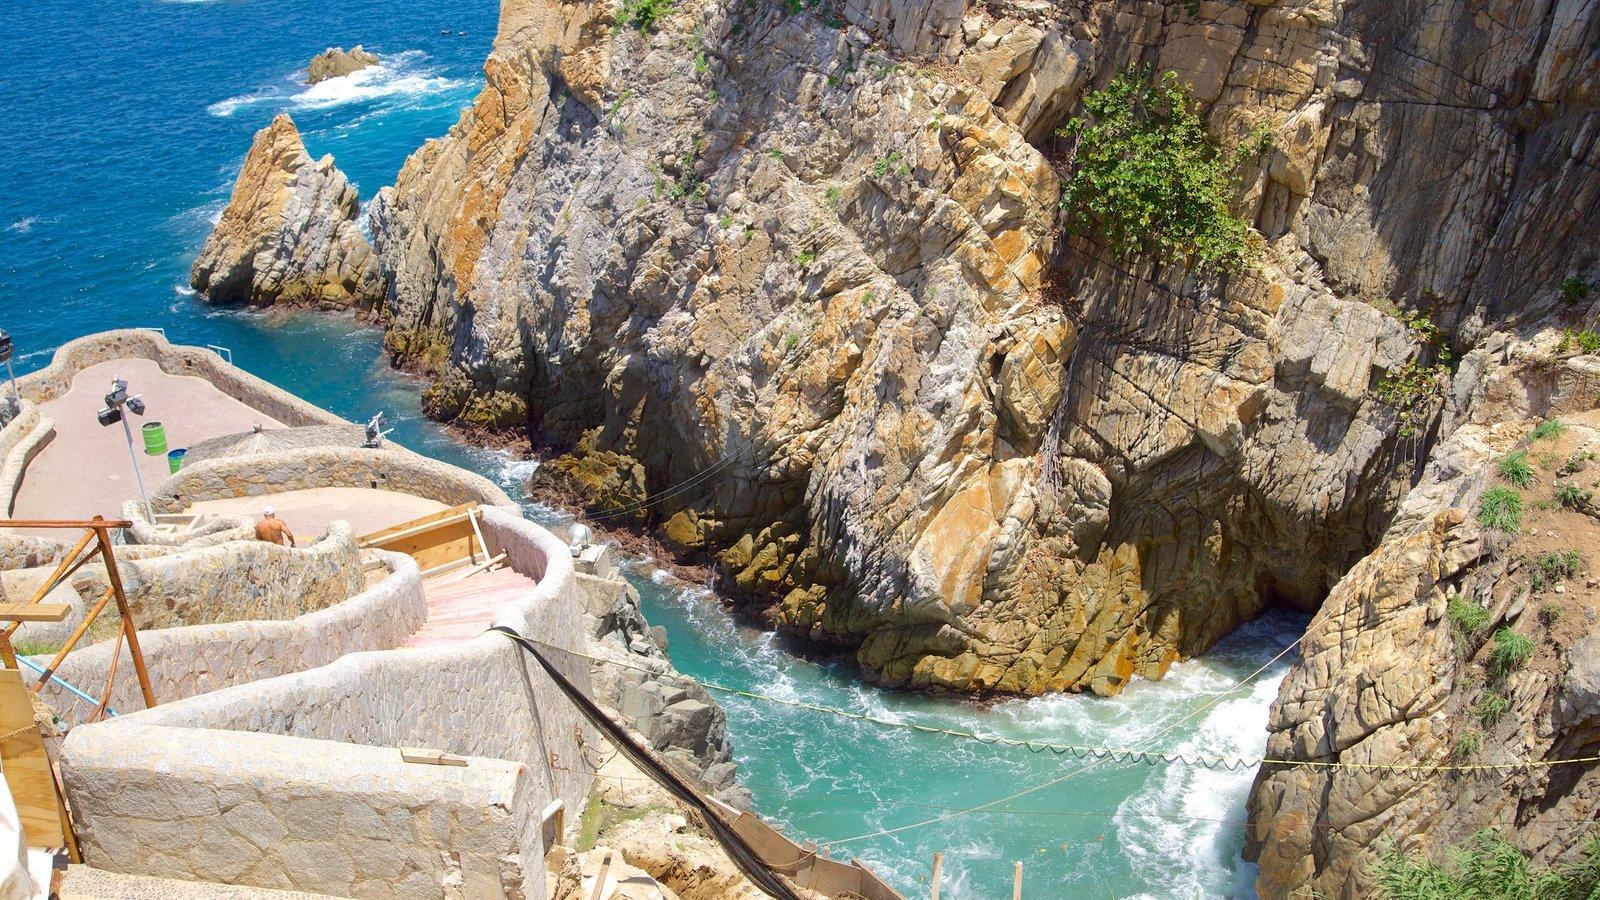 Acantilado La Quebrada que incluye costa escarpada, un barranco o cañón y vistas